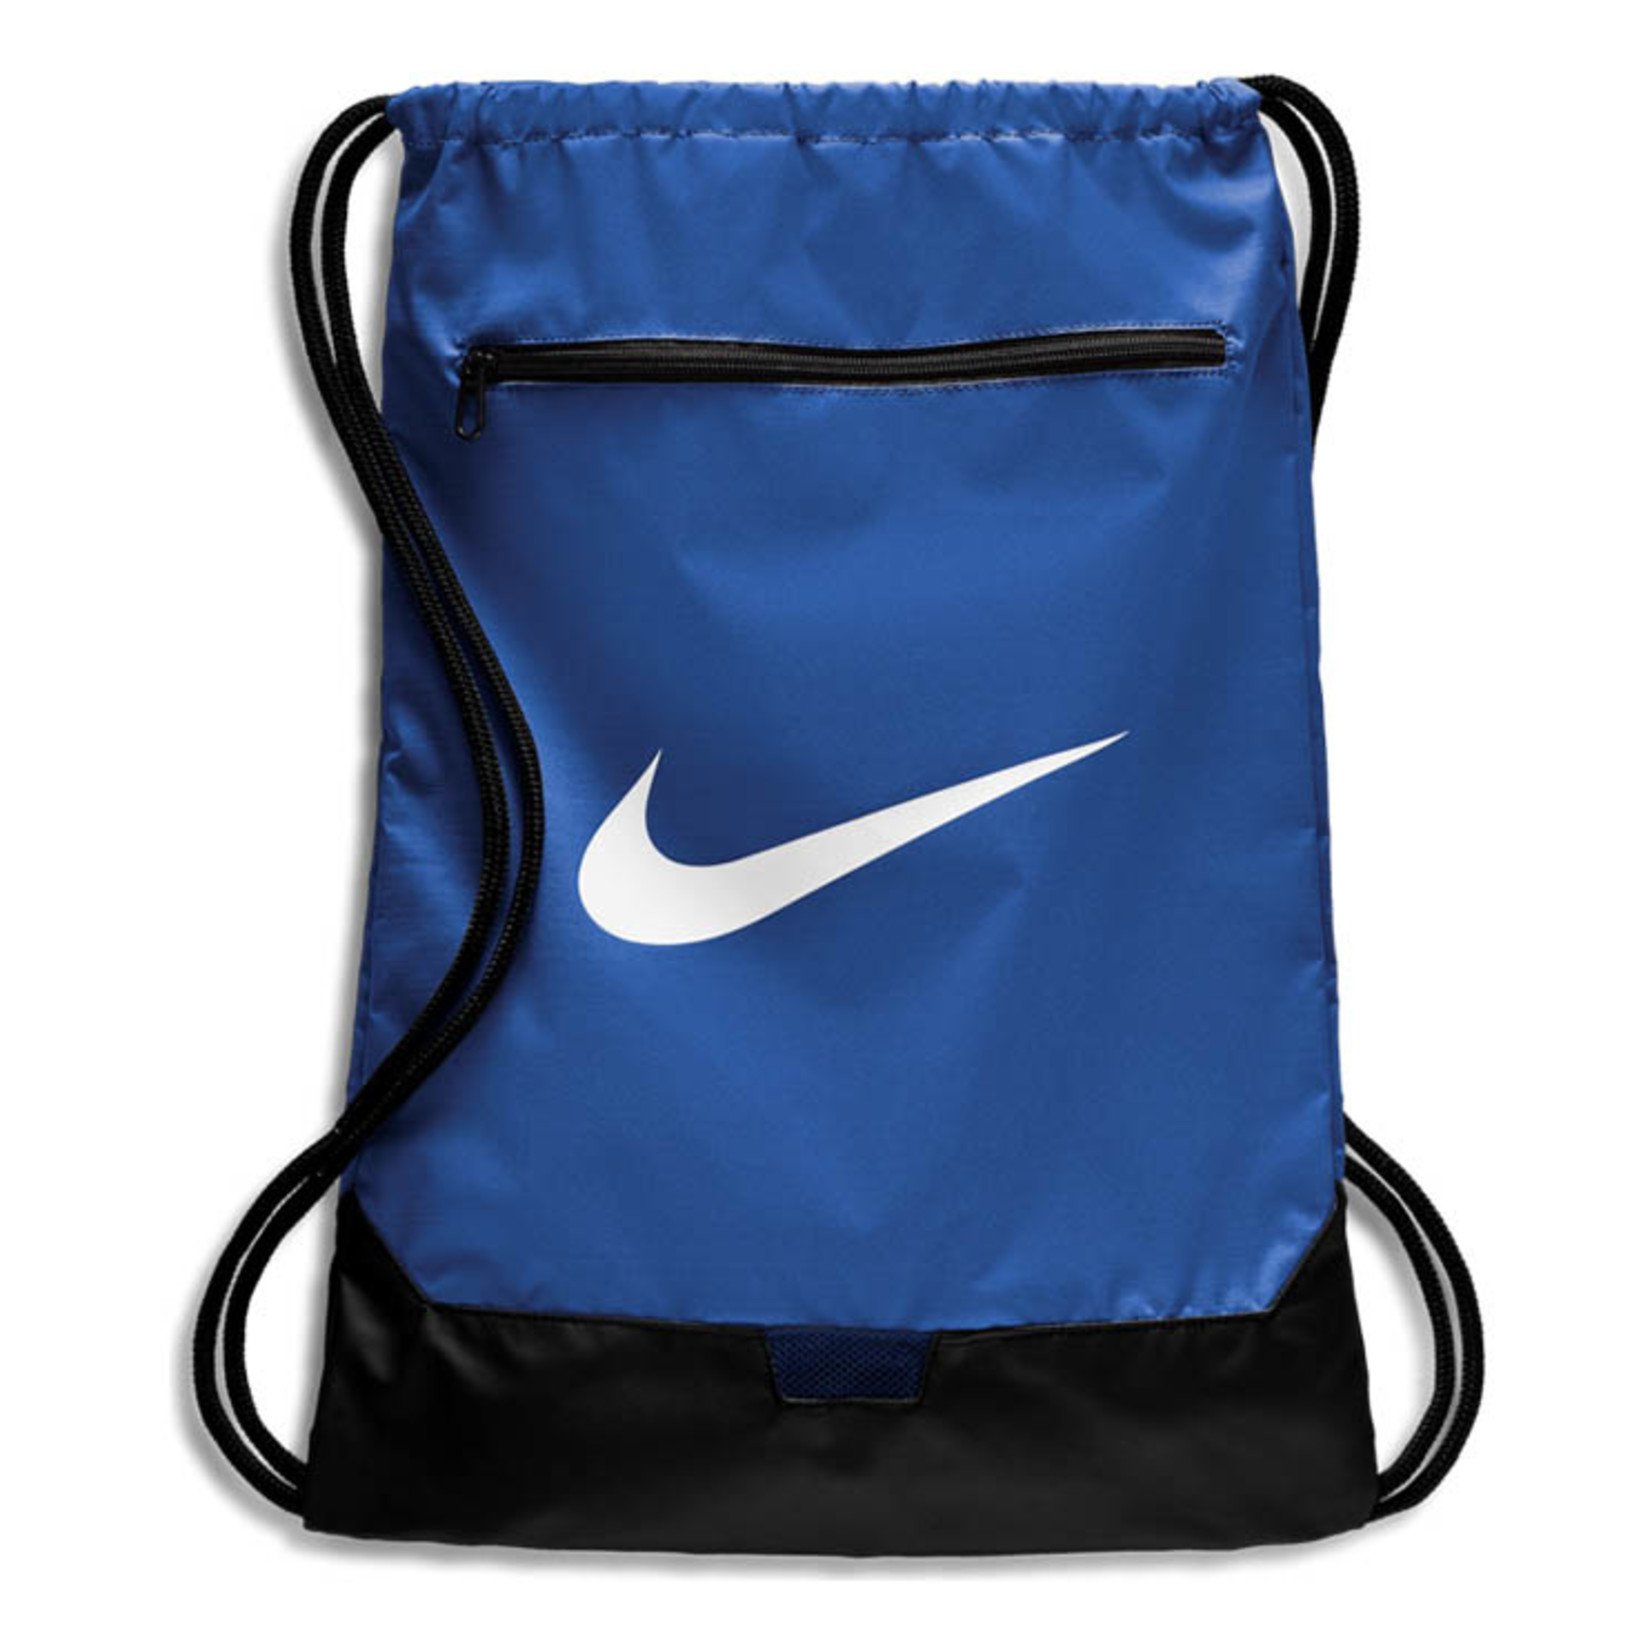 Nike Nike Sackpack, Brasilia